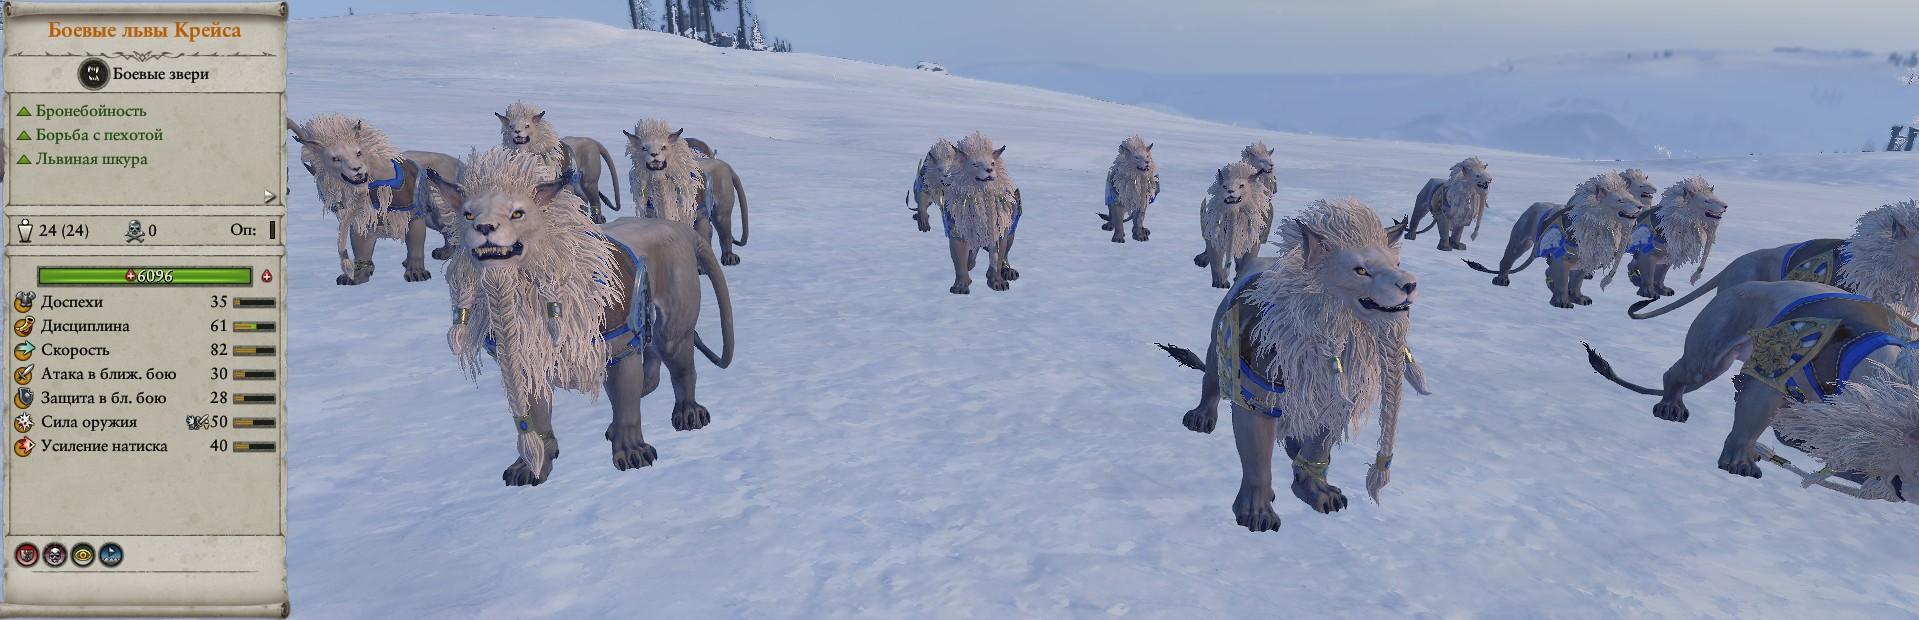 Боевые львы Крейса отряды warhammer total war 2